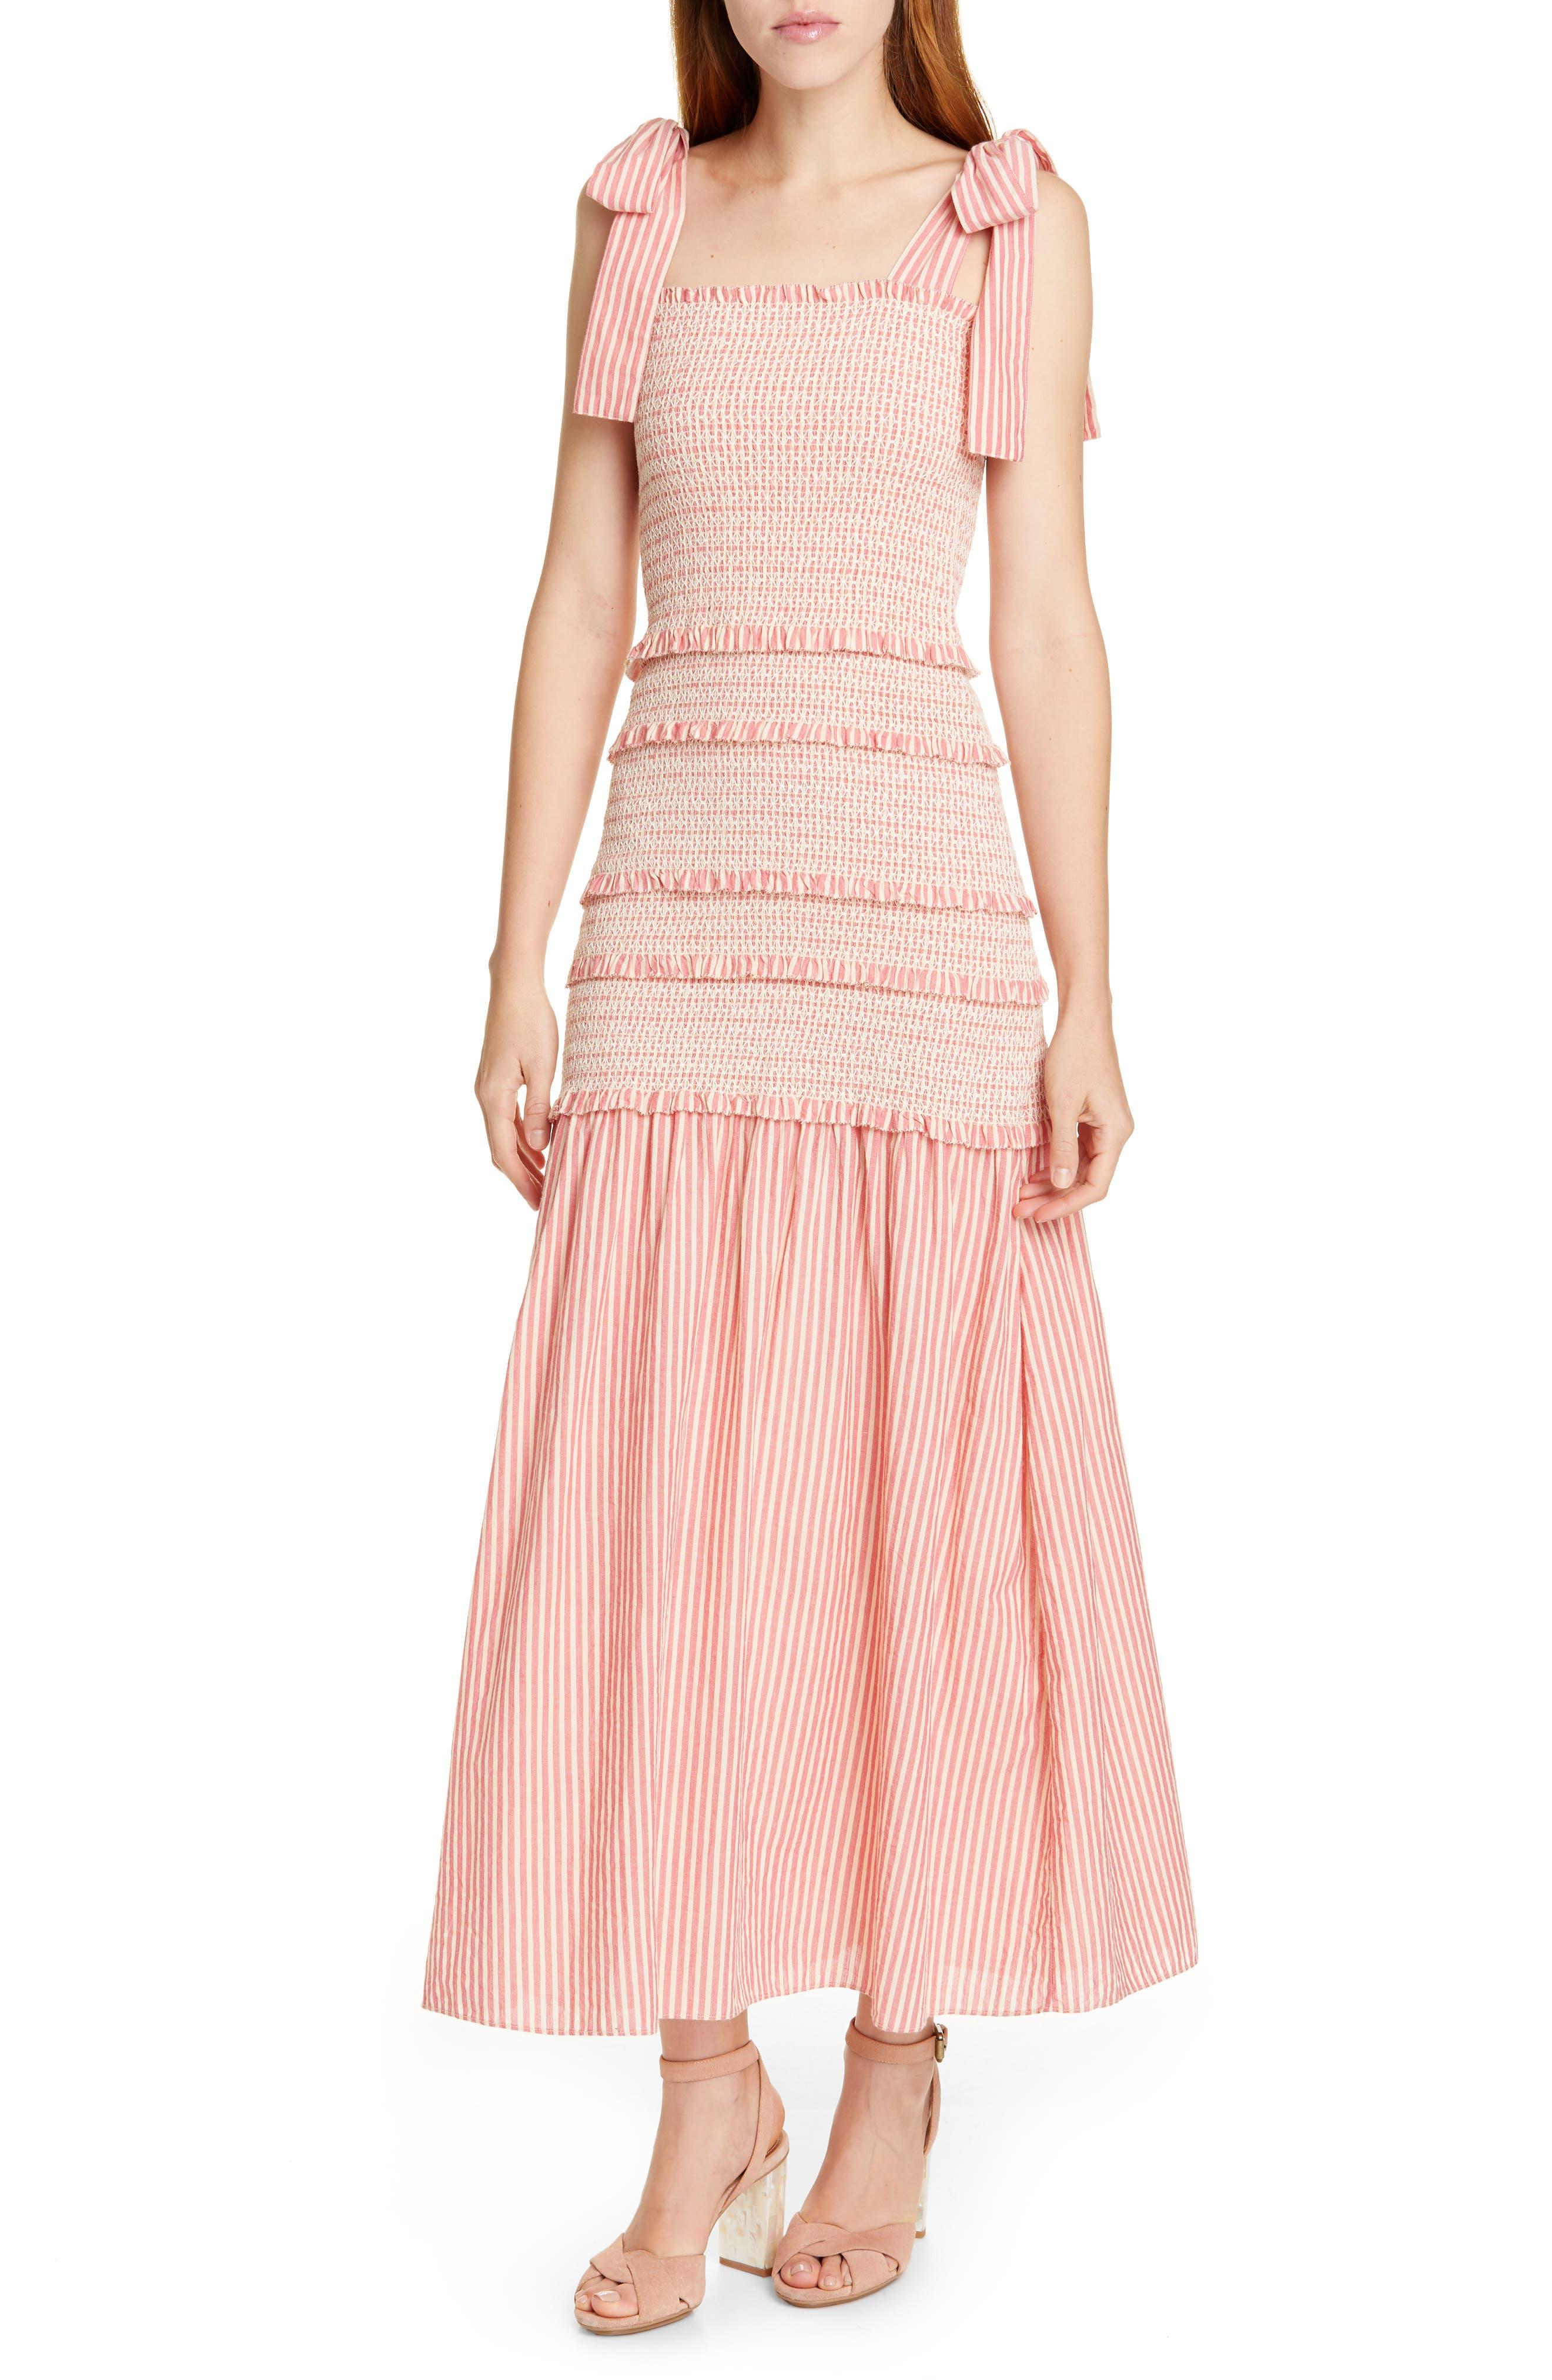 Loveshackfancy Robyn Stripe Smocked Ruffle Maxi Dress, Pink